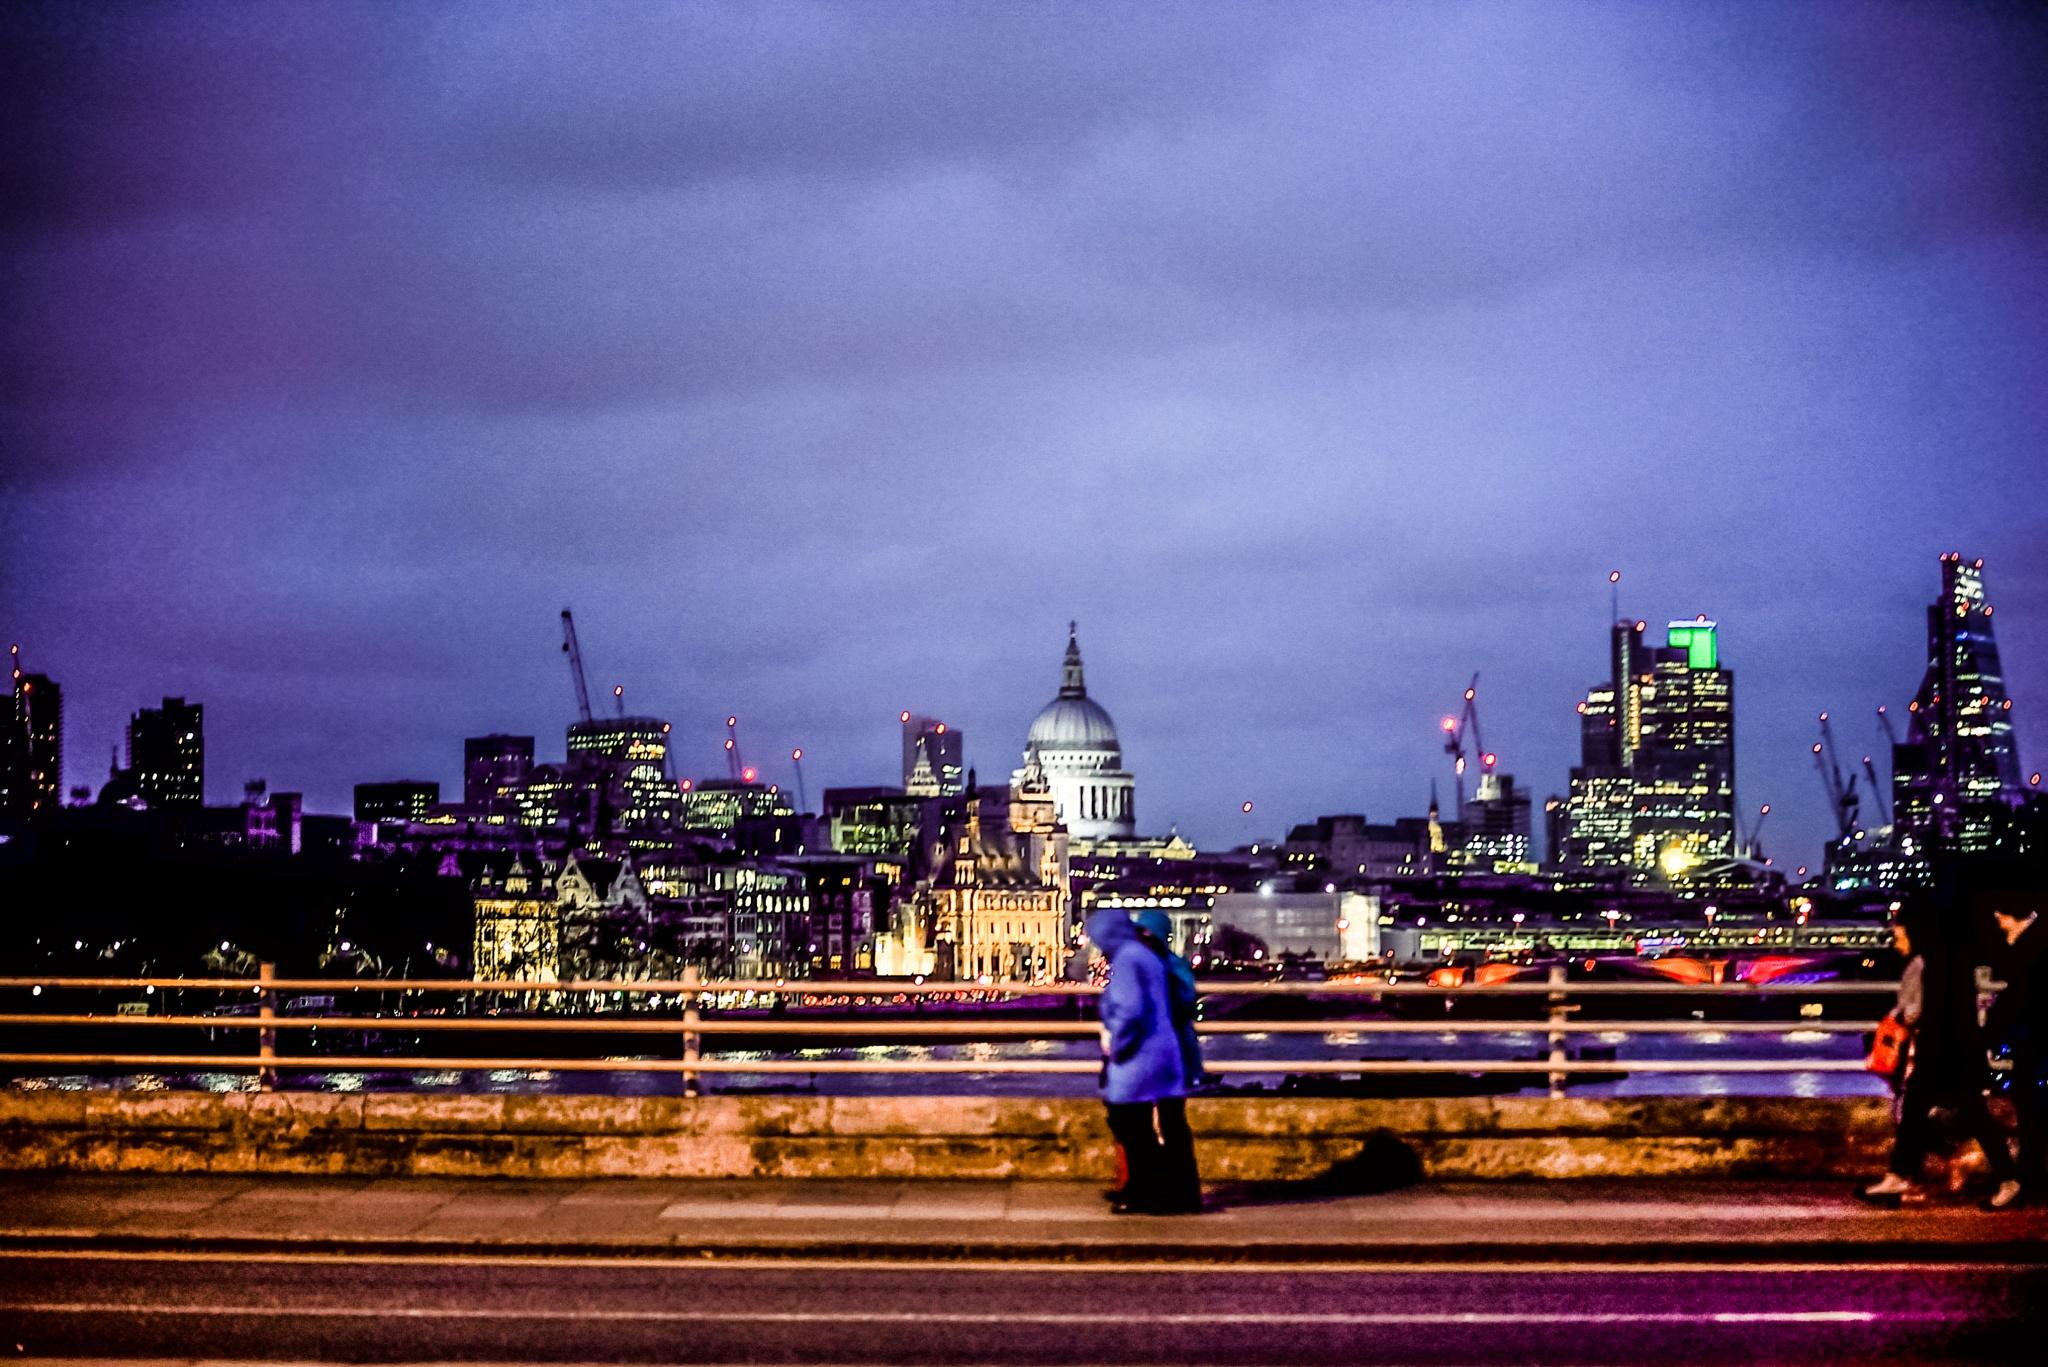 London by Mihai Sirb